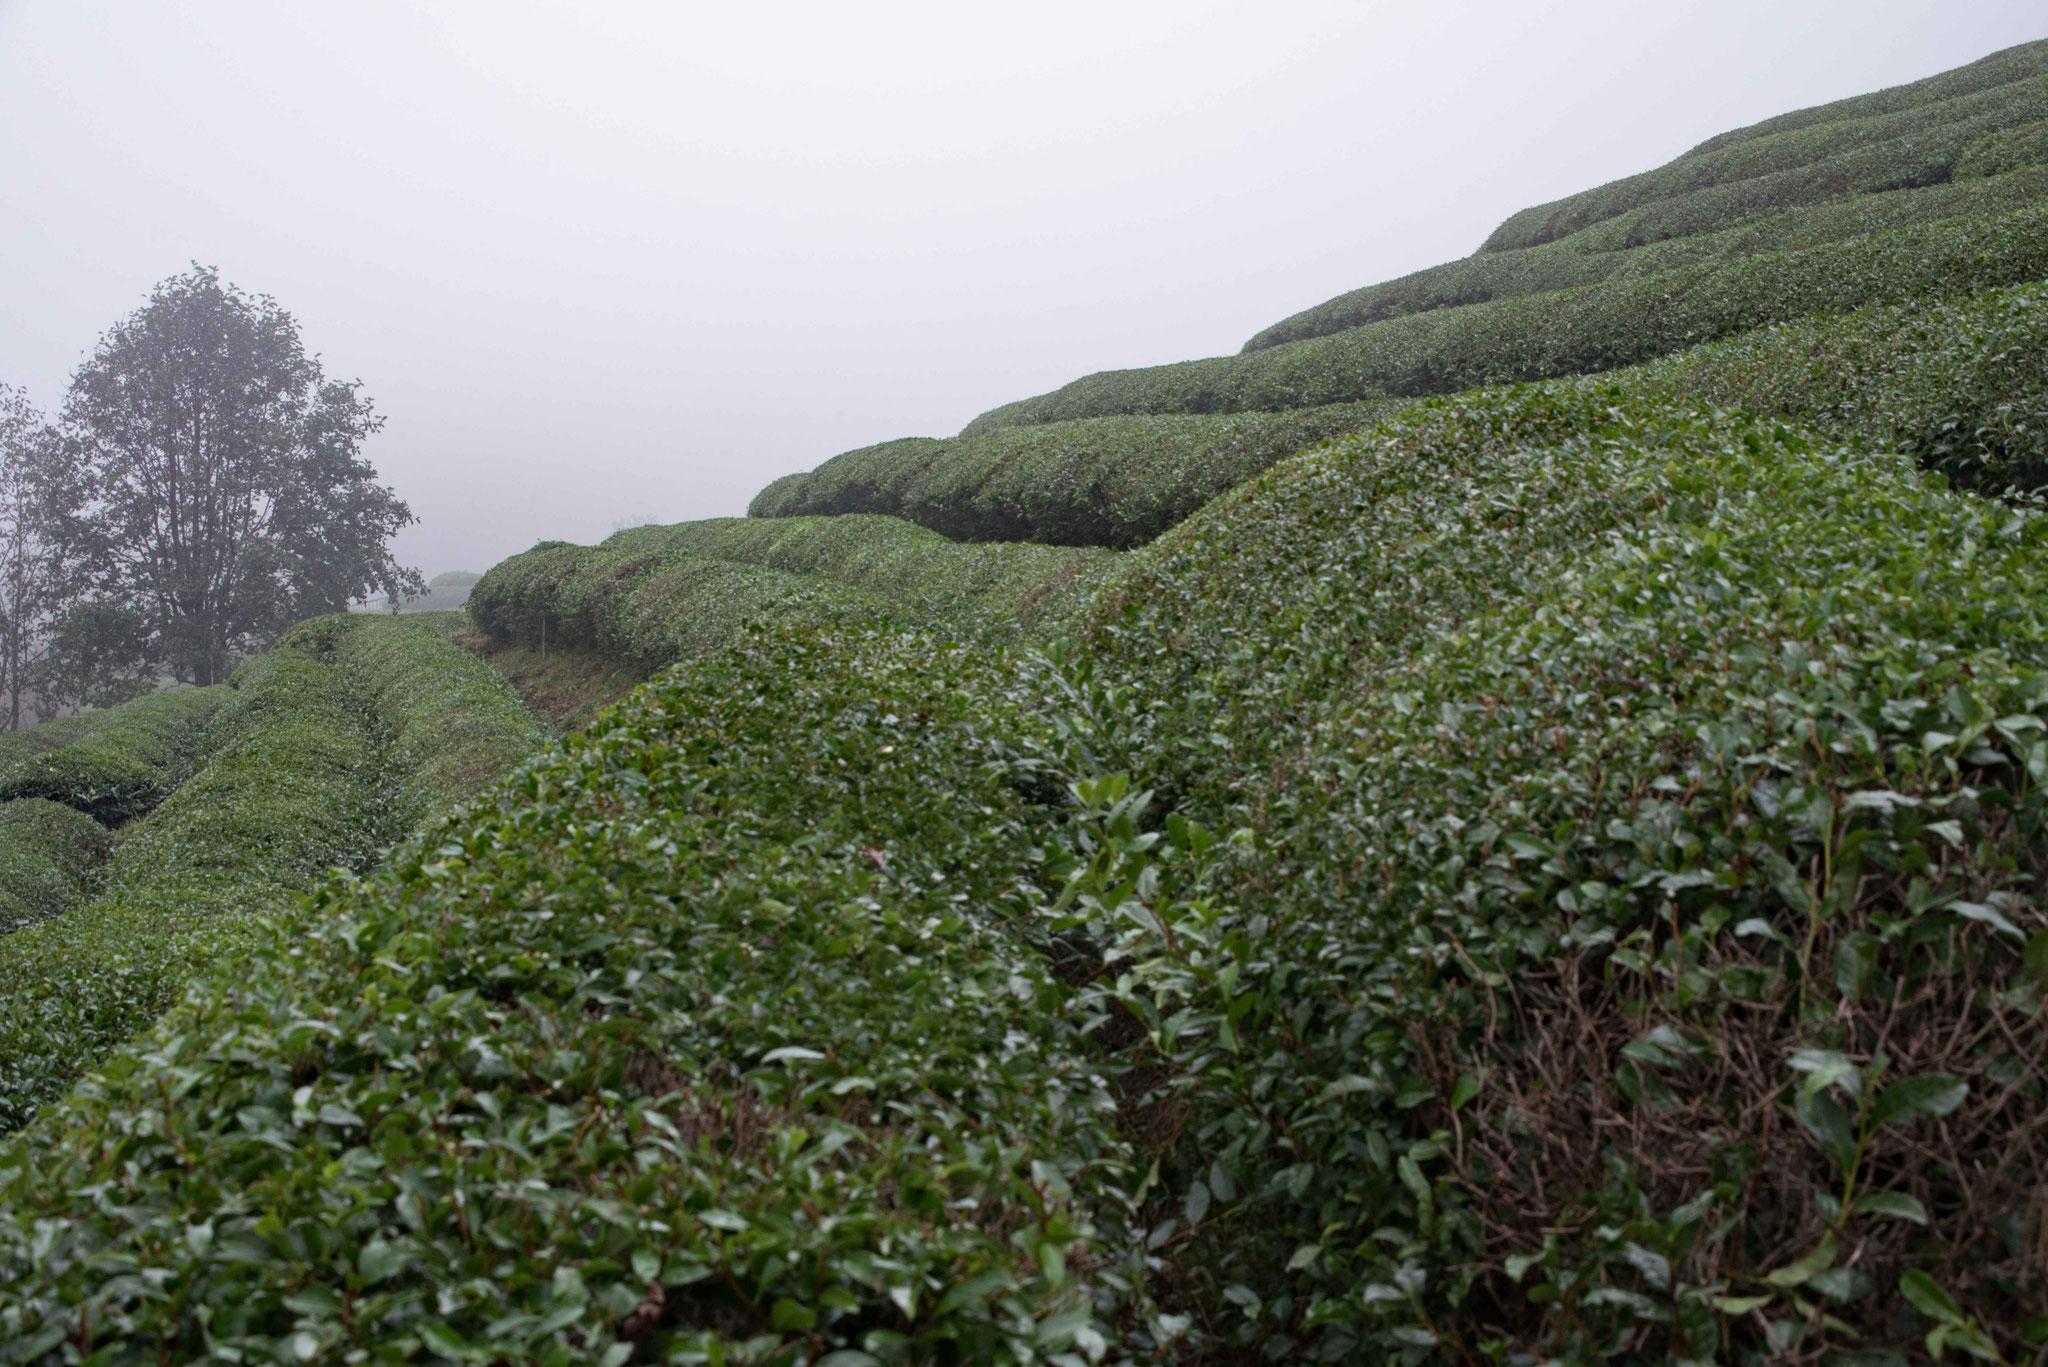 Dicht aneinder liegende Teebuschreihen